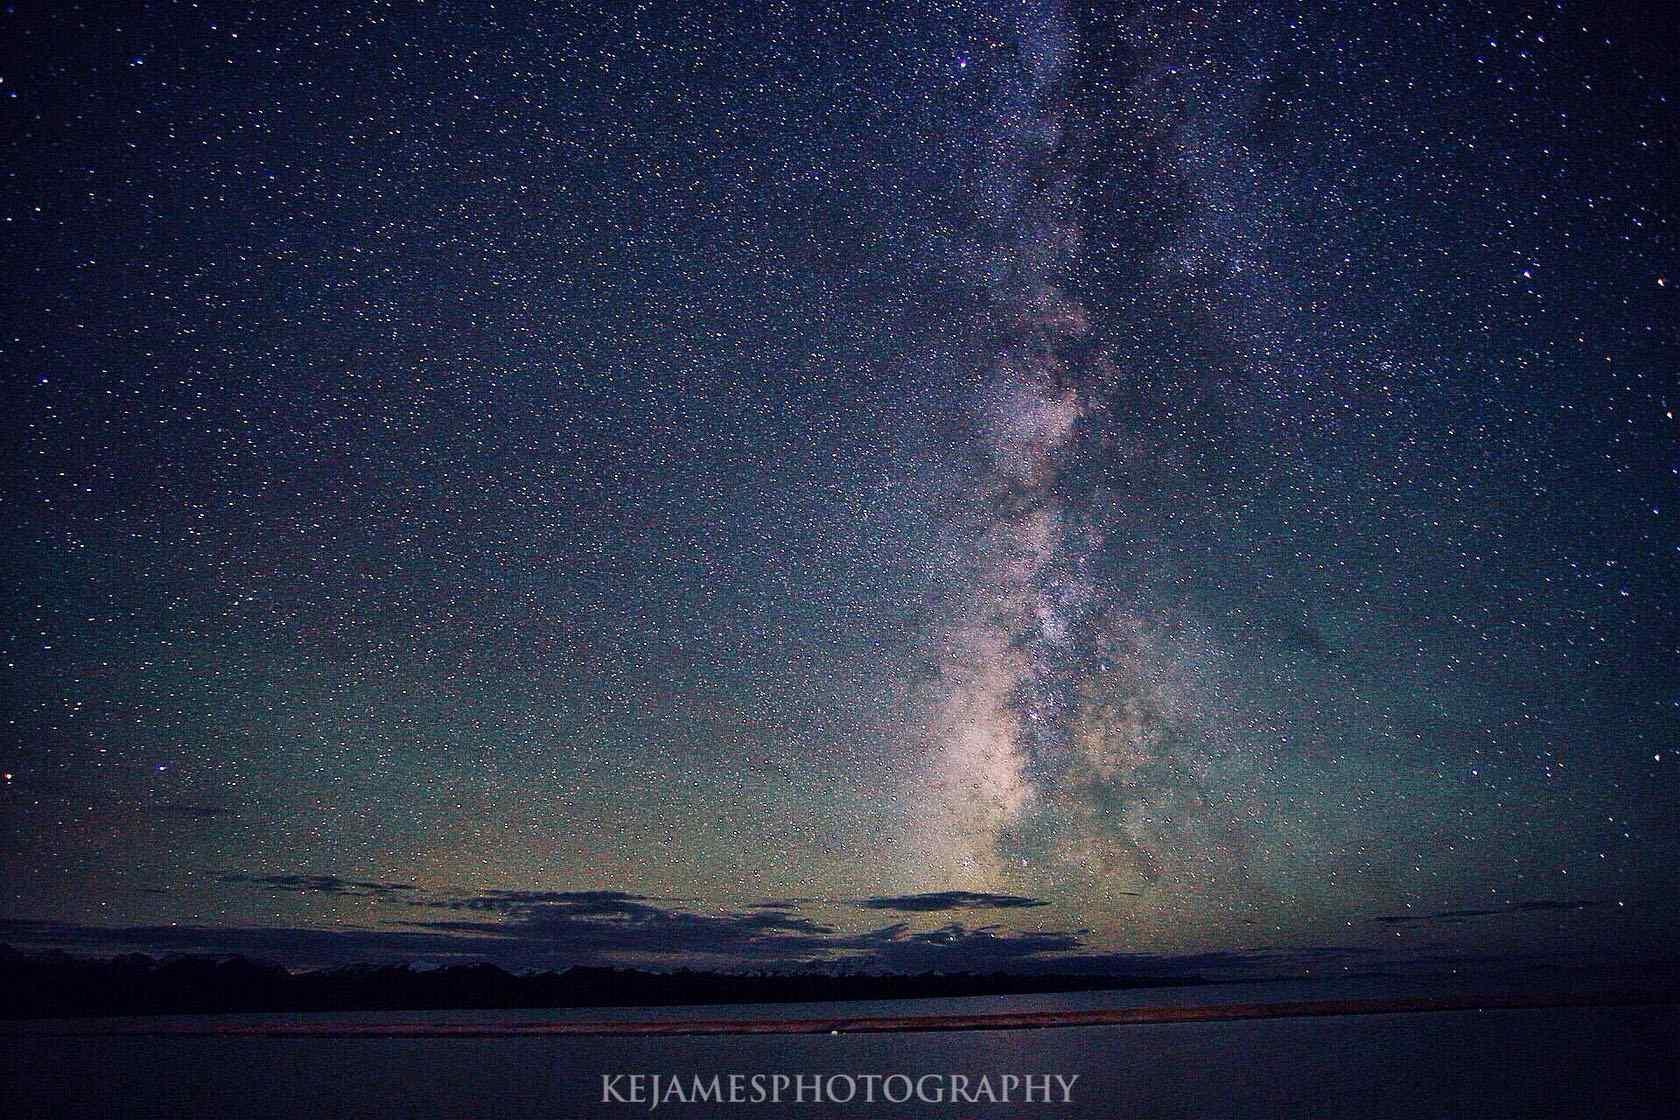 毕业旅行地之美丽的西藏星空